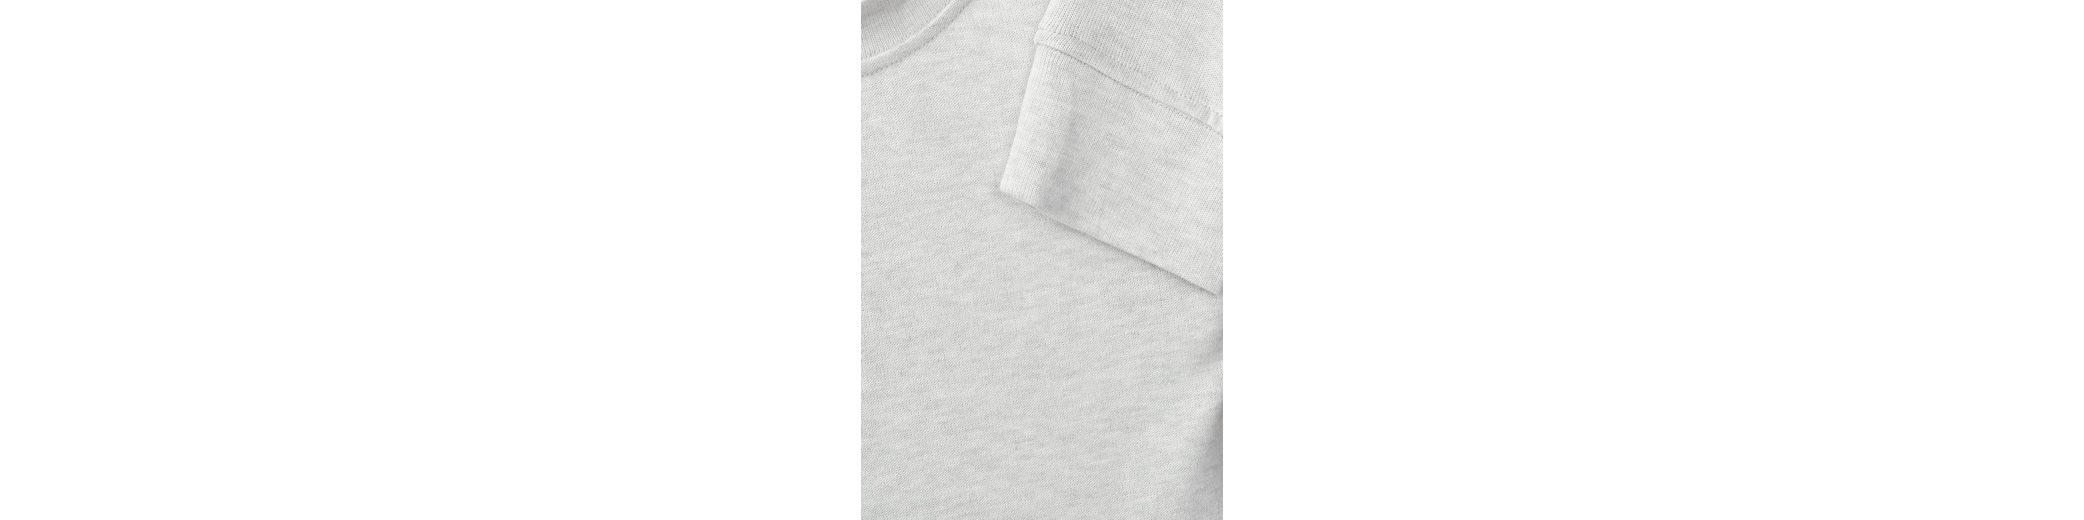 Spielraum Mode-Stil Street One Uni Turtleneck Strickshirt Verkauf Countdown-Paket JCtI9J5zNs